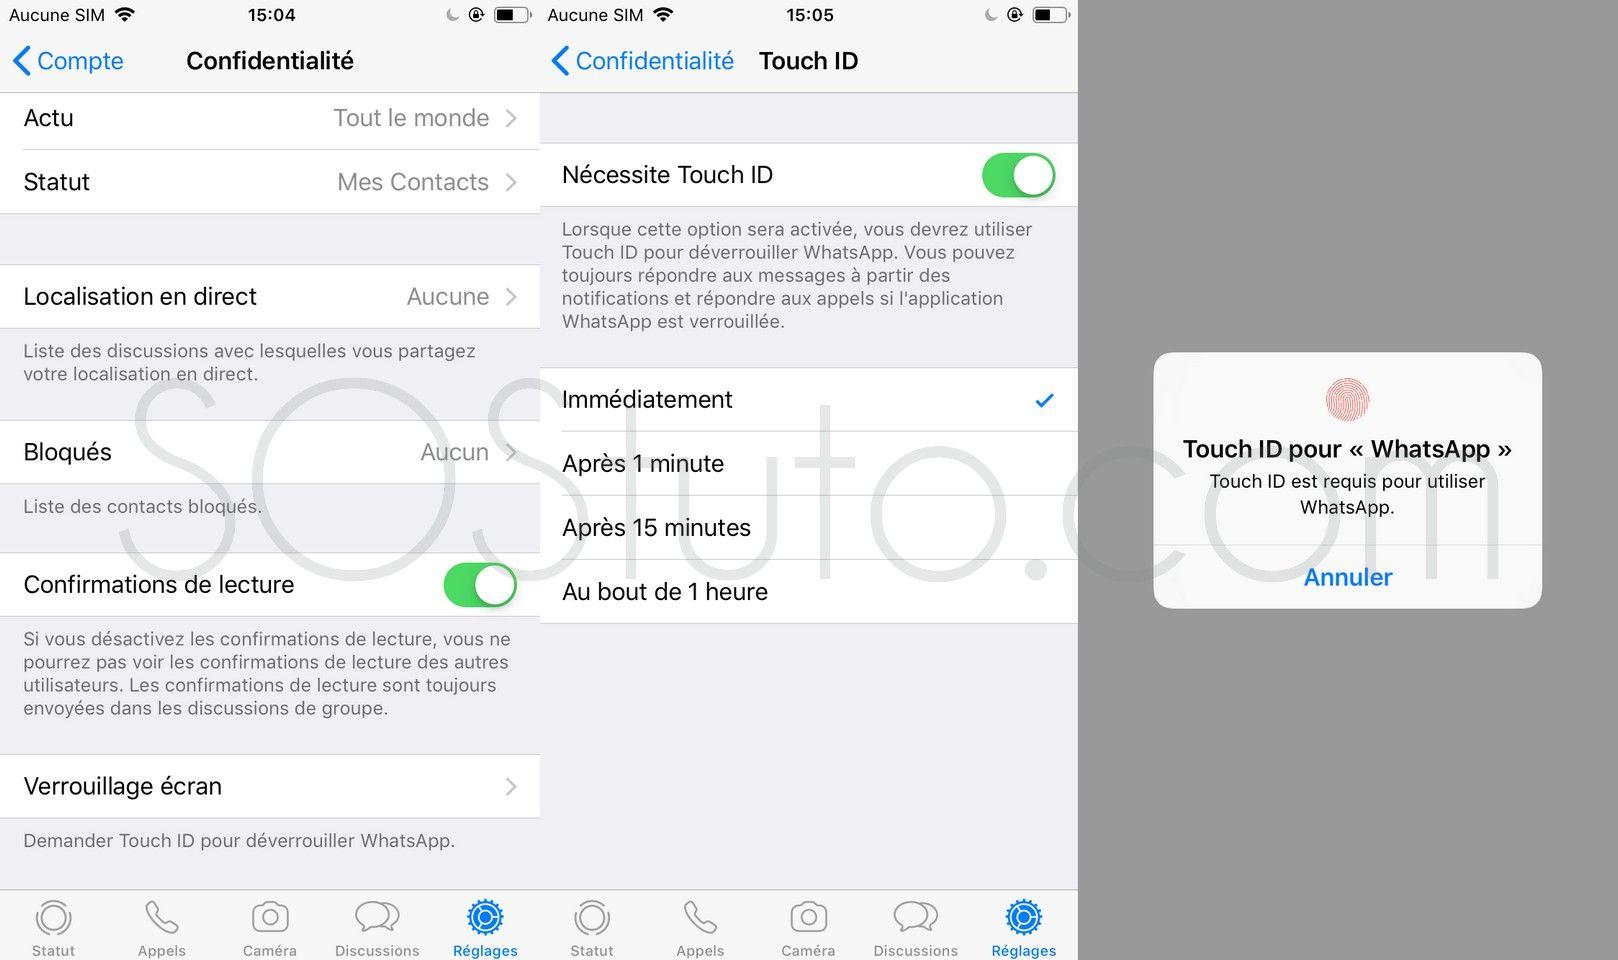 Touch ID Face ID pour WhatsApp 2 Méthodes pour Protéger WhatsApp sur iPhone avec mot de passe ou Touch ID ou Face ID